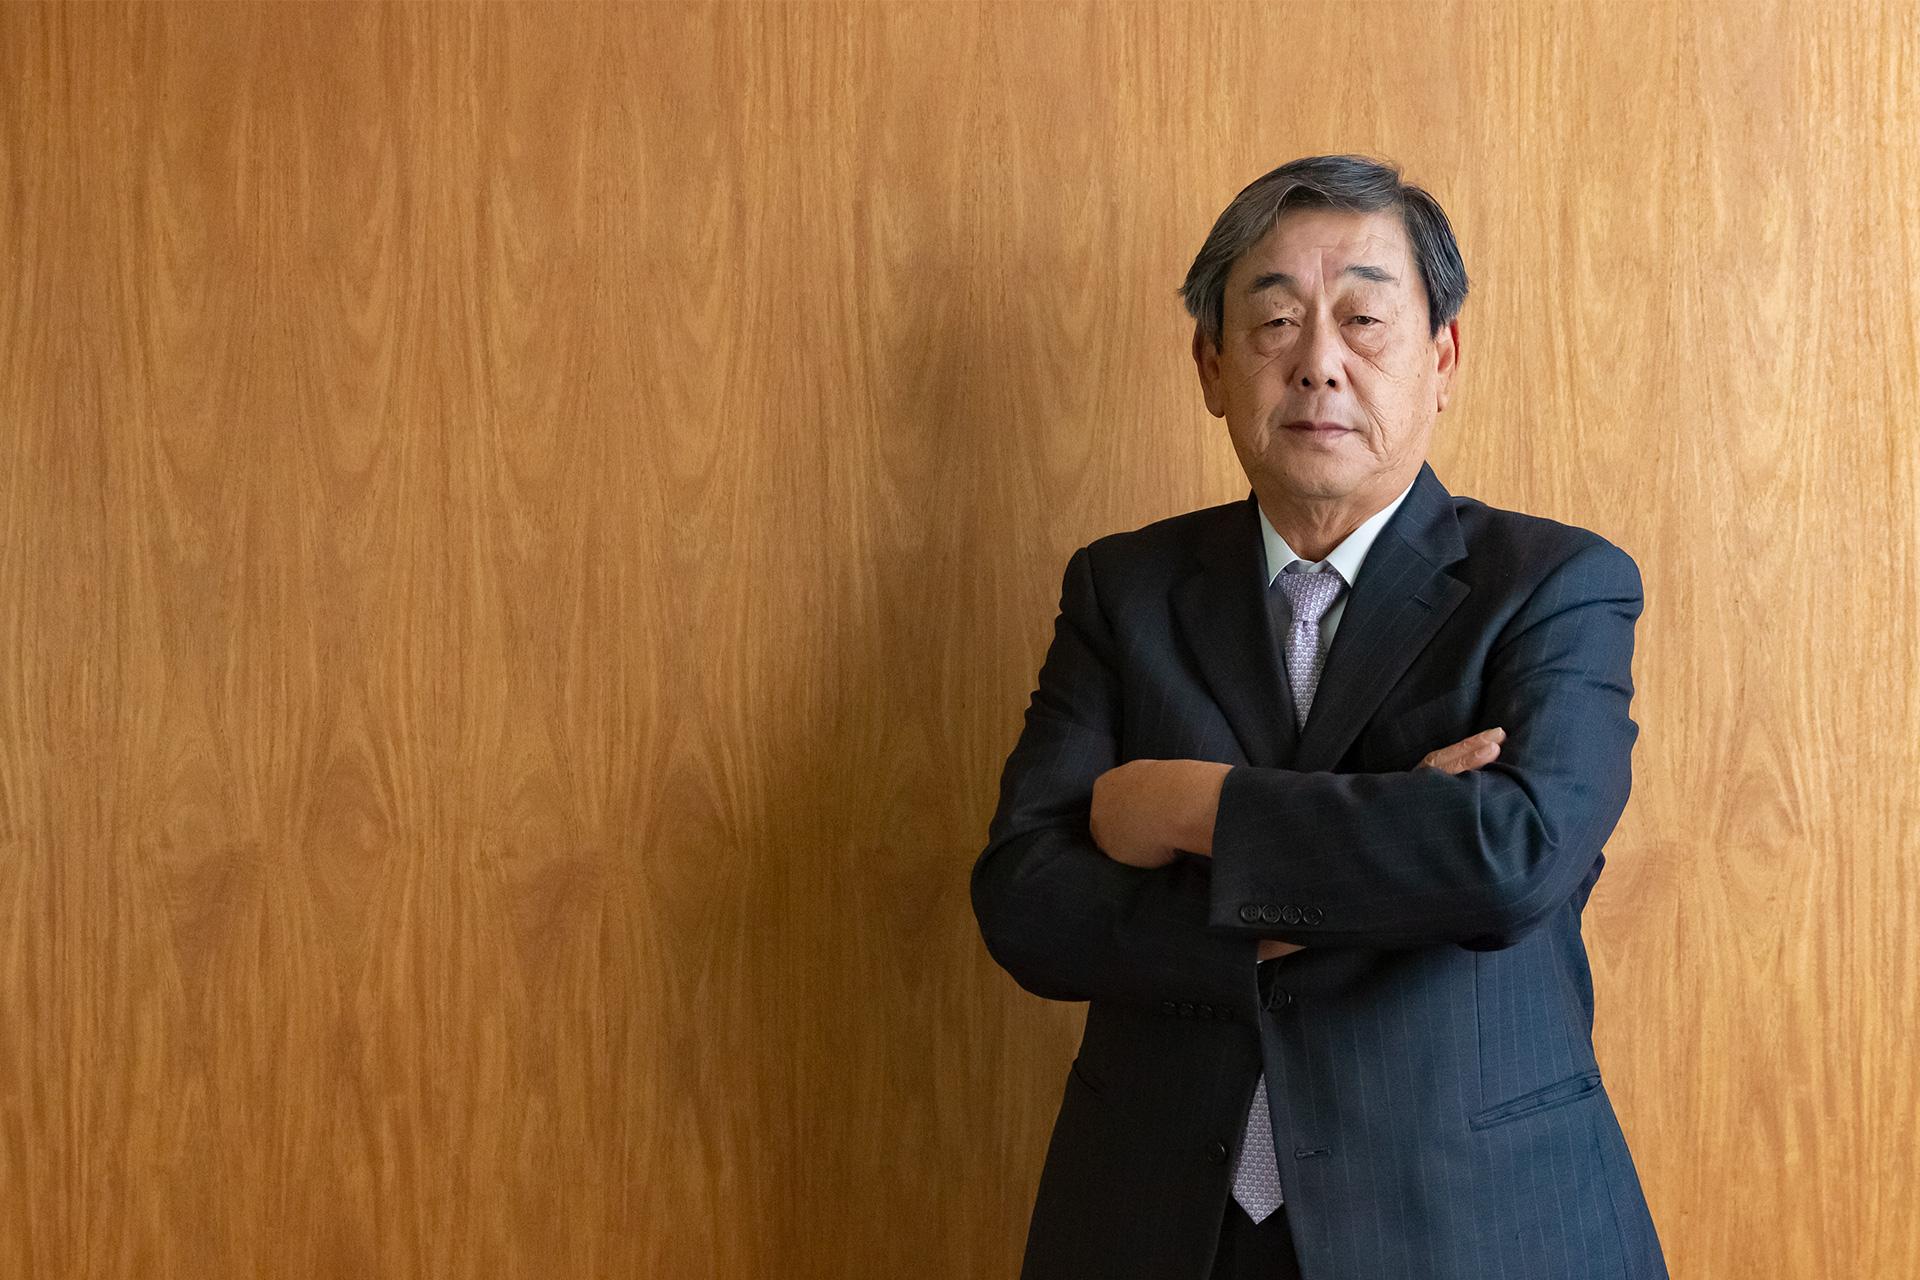 近江化学工業株式会社 代表取締役社長 竹下 敏孝